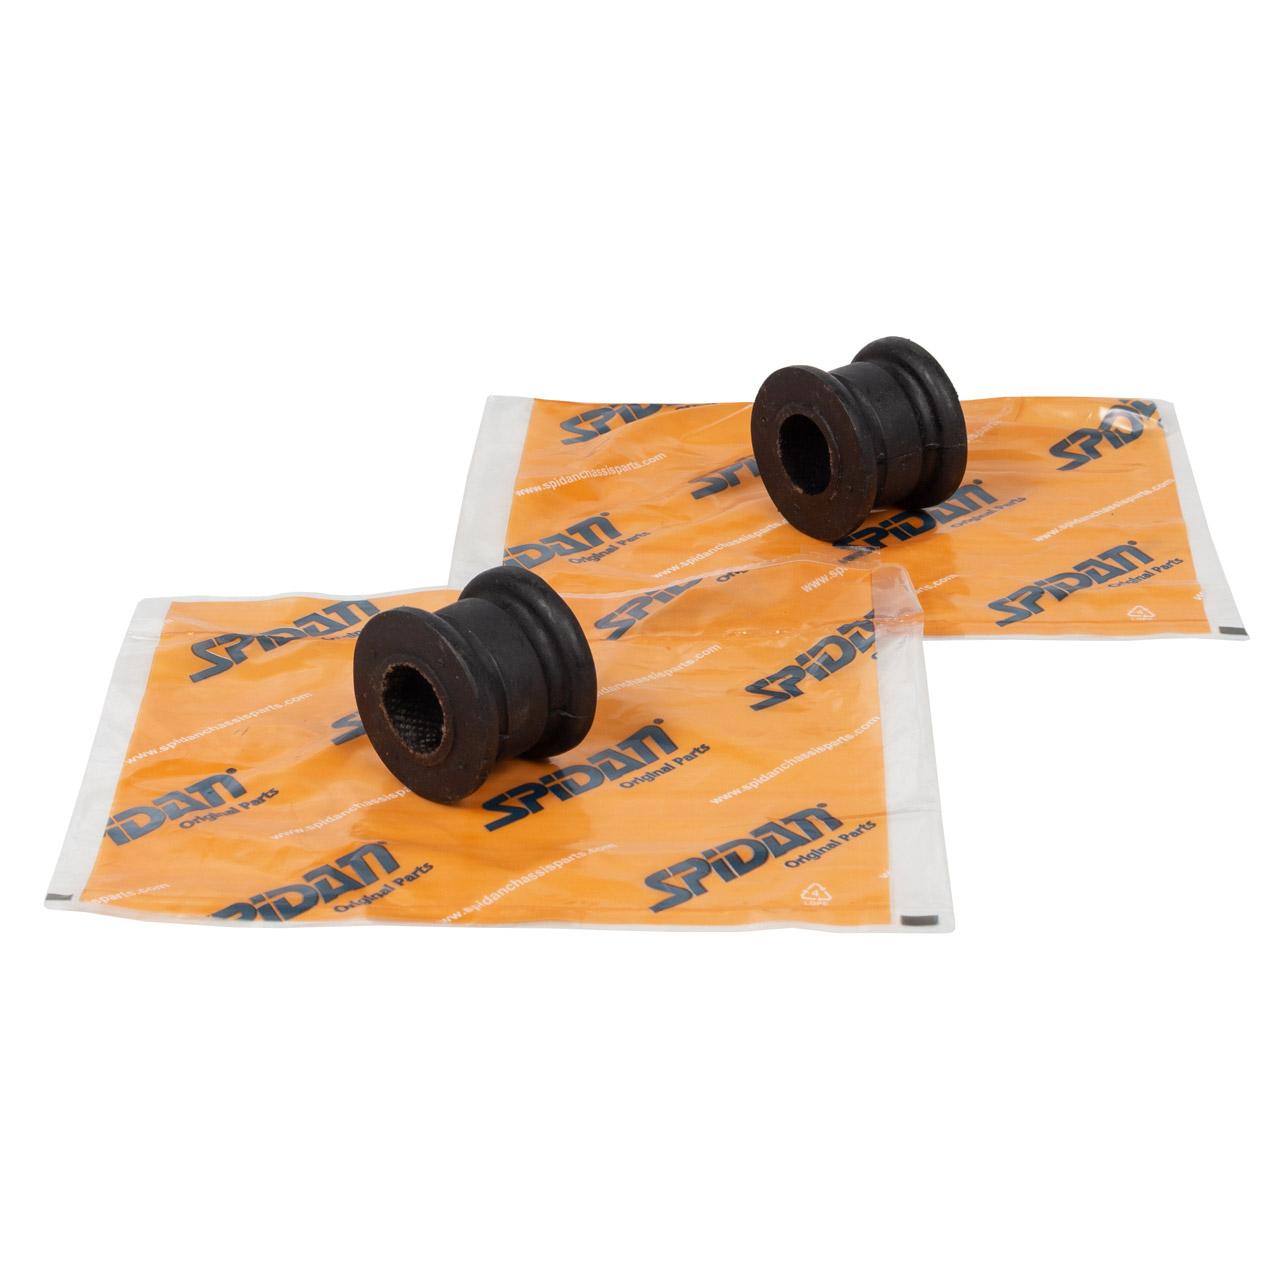 2x SPIDAN 411440 Stabilisatorlager MERCEDES 190 W201 E 1.8-2.6 D 2.0-2.5 vorne 2013234885